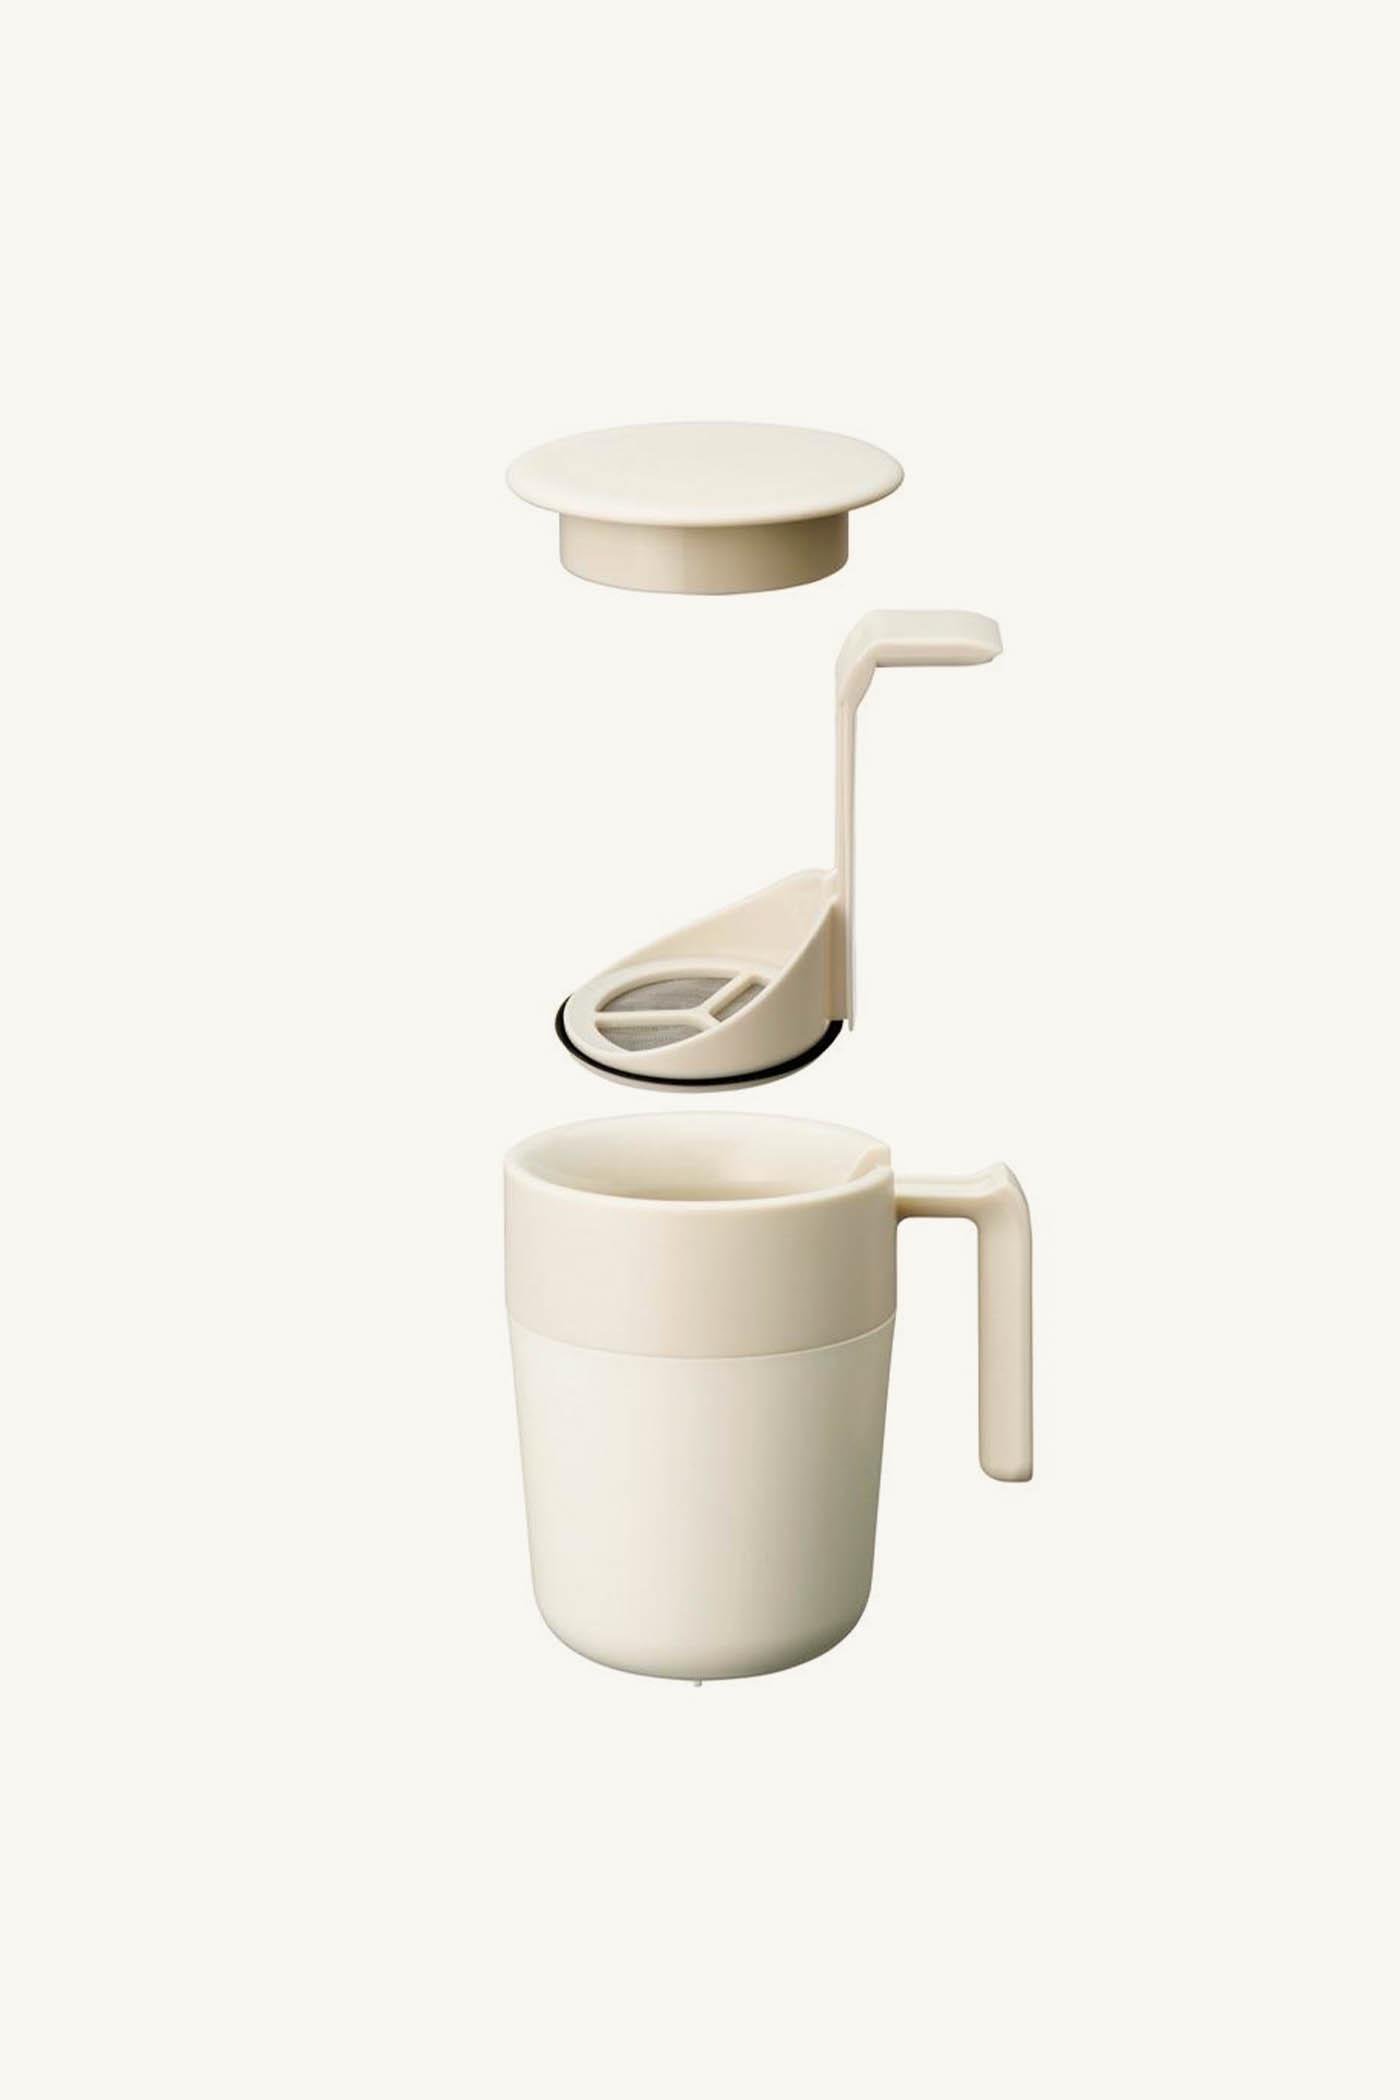 Kinto Cafepress Mug